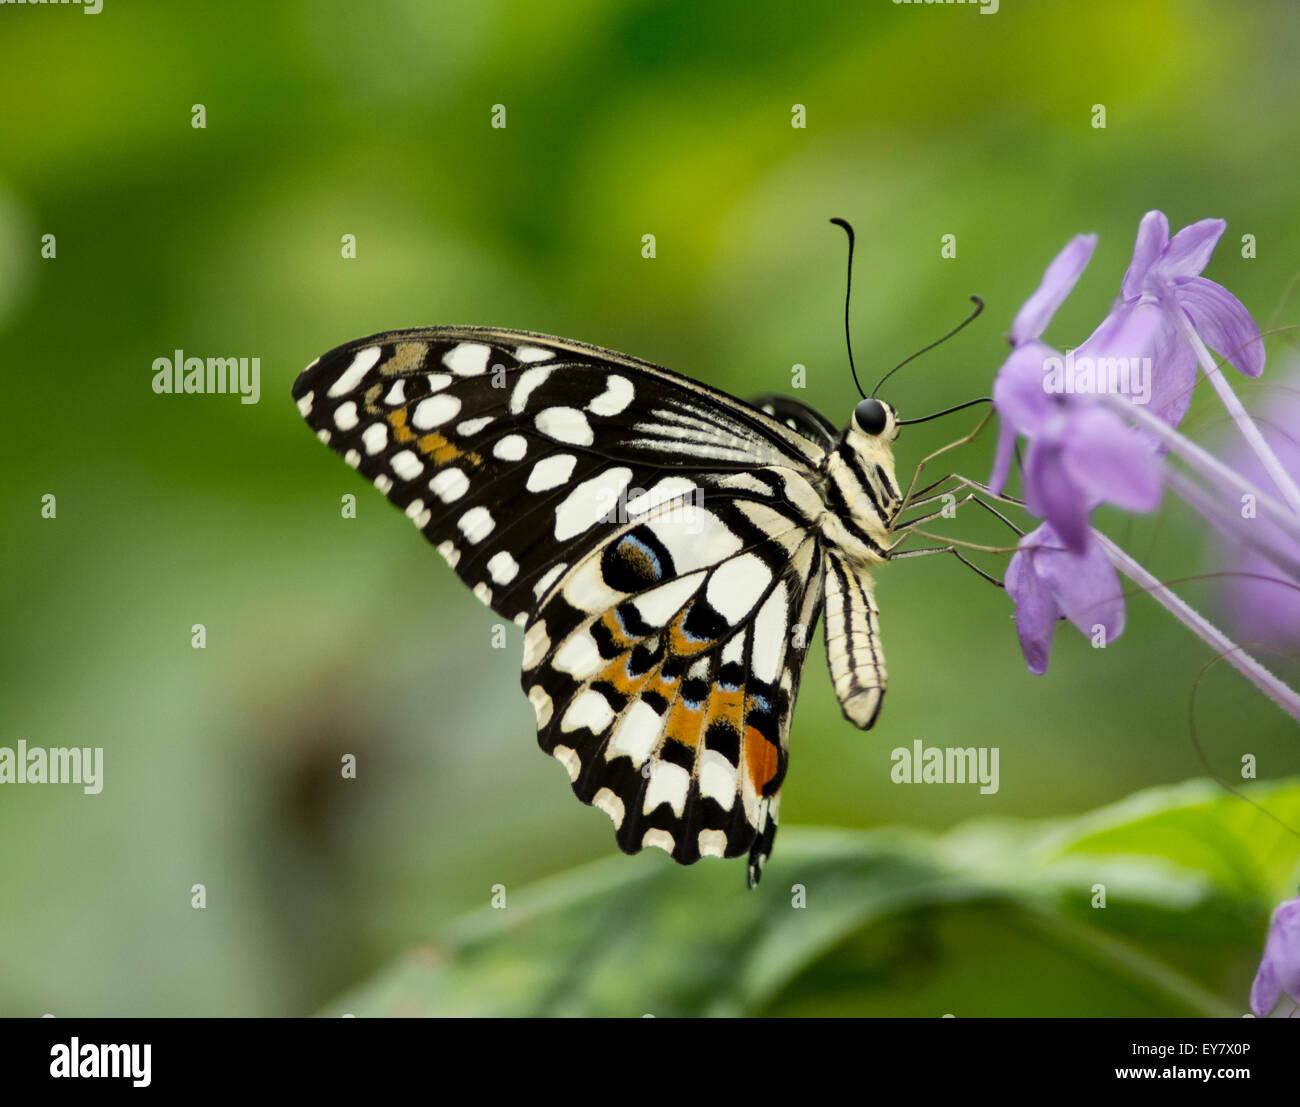 Calce comune (papilio demoleus) farfalla sul fiore viola Immagini Stock